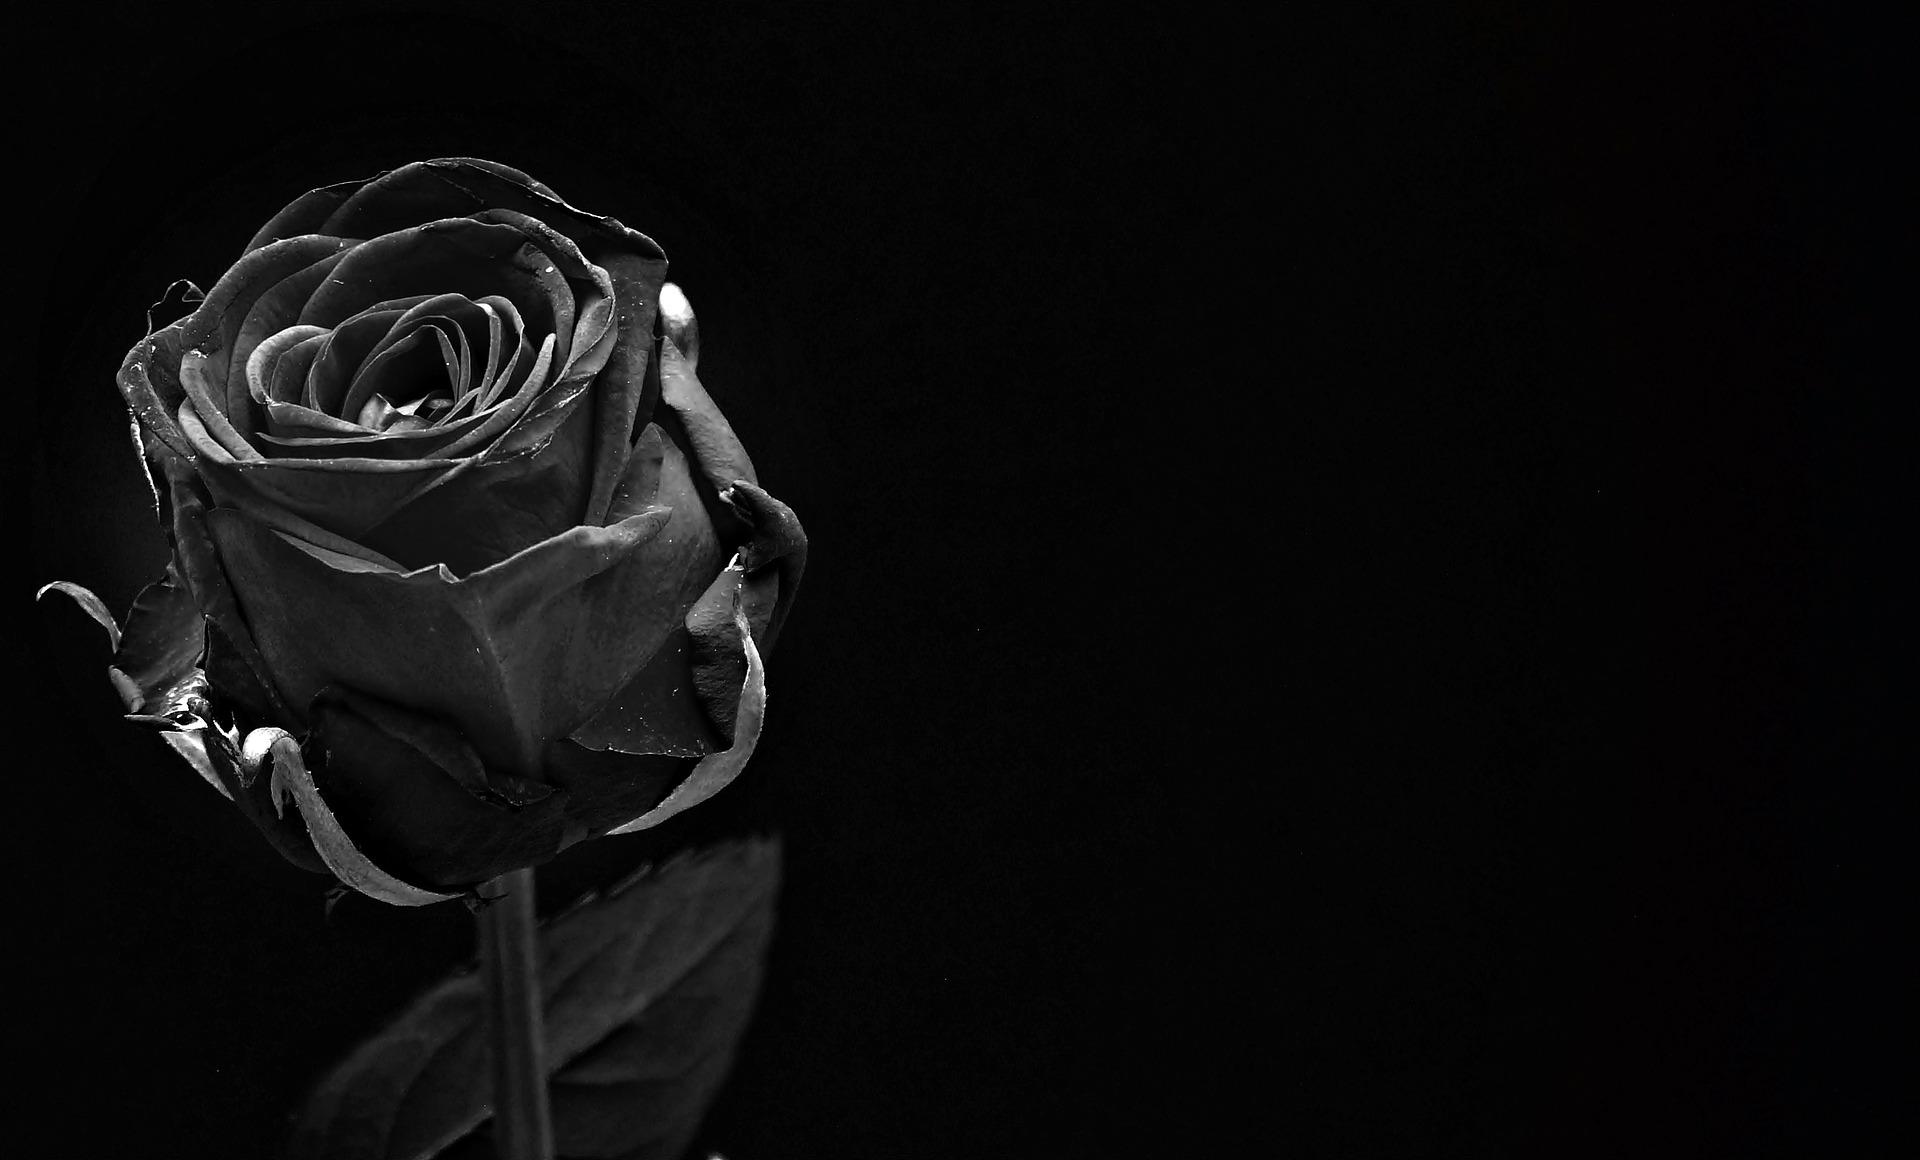 zwarte rozen